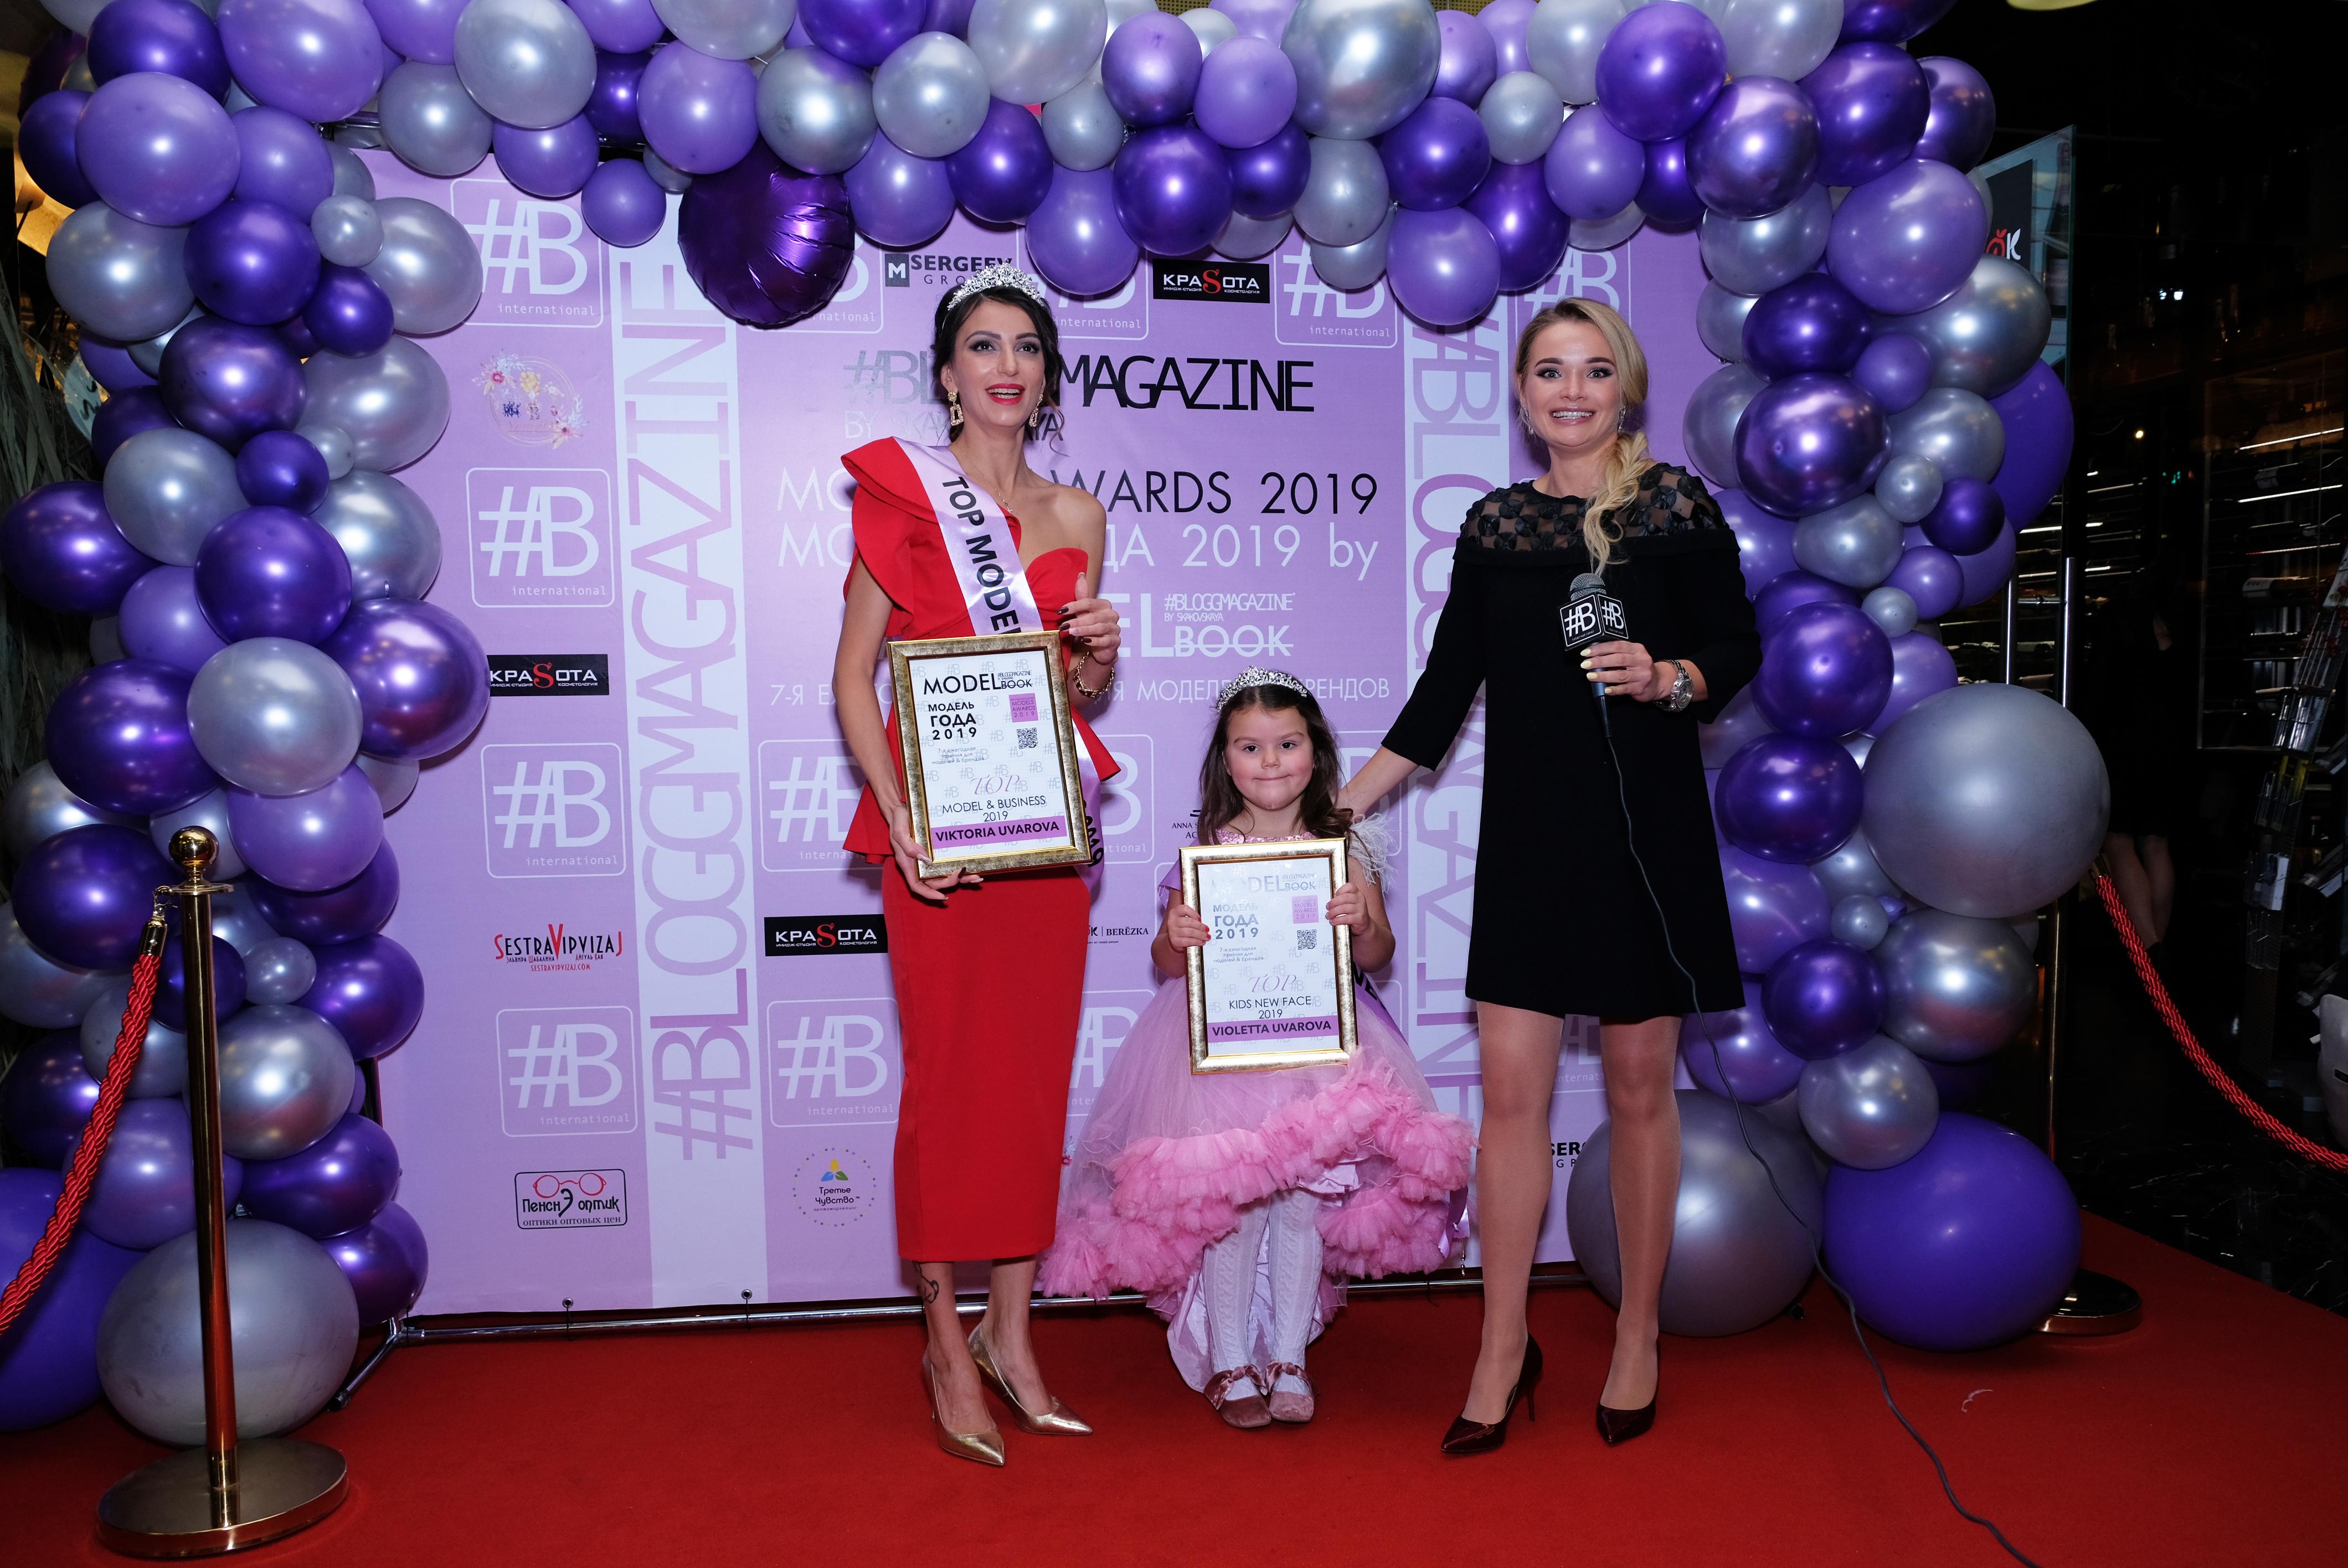 bloggmagazine_models_awards2019_7